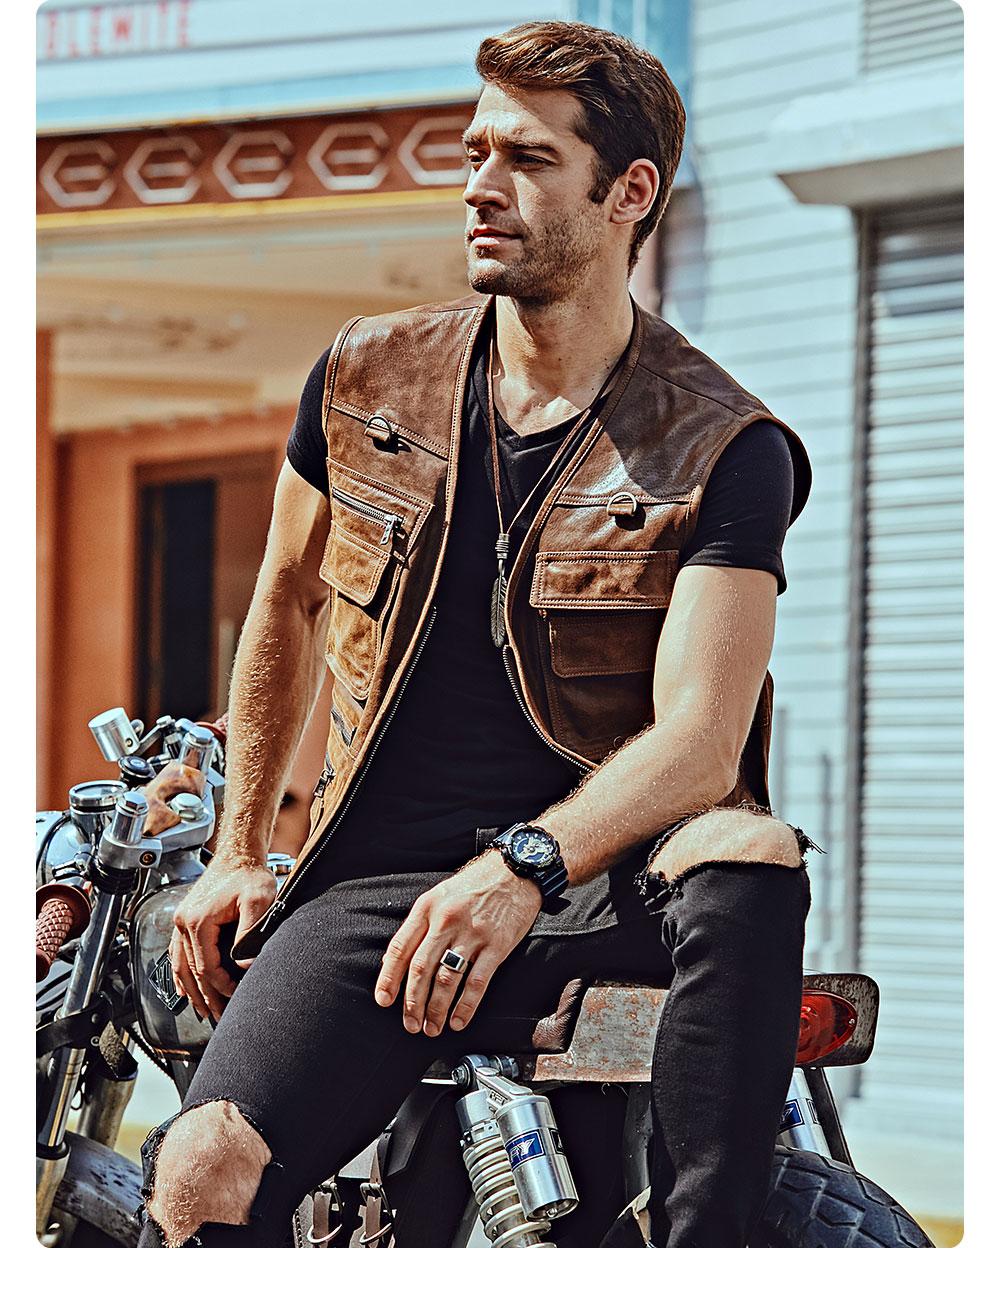 He7dff2e2f0a348f4abf34d4705965677v FLAVOR New Men's Real Leather Vest Men's Motorcycle Fishing Outdoor Travel Vests